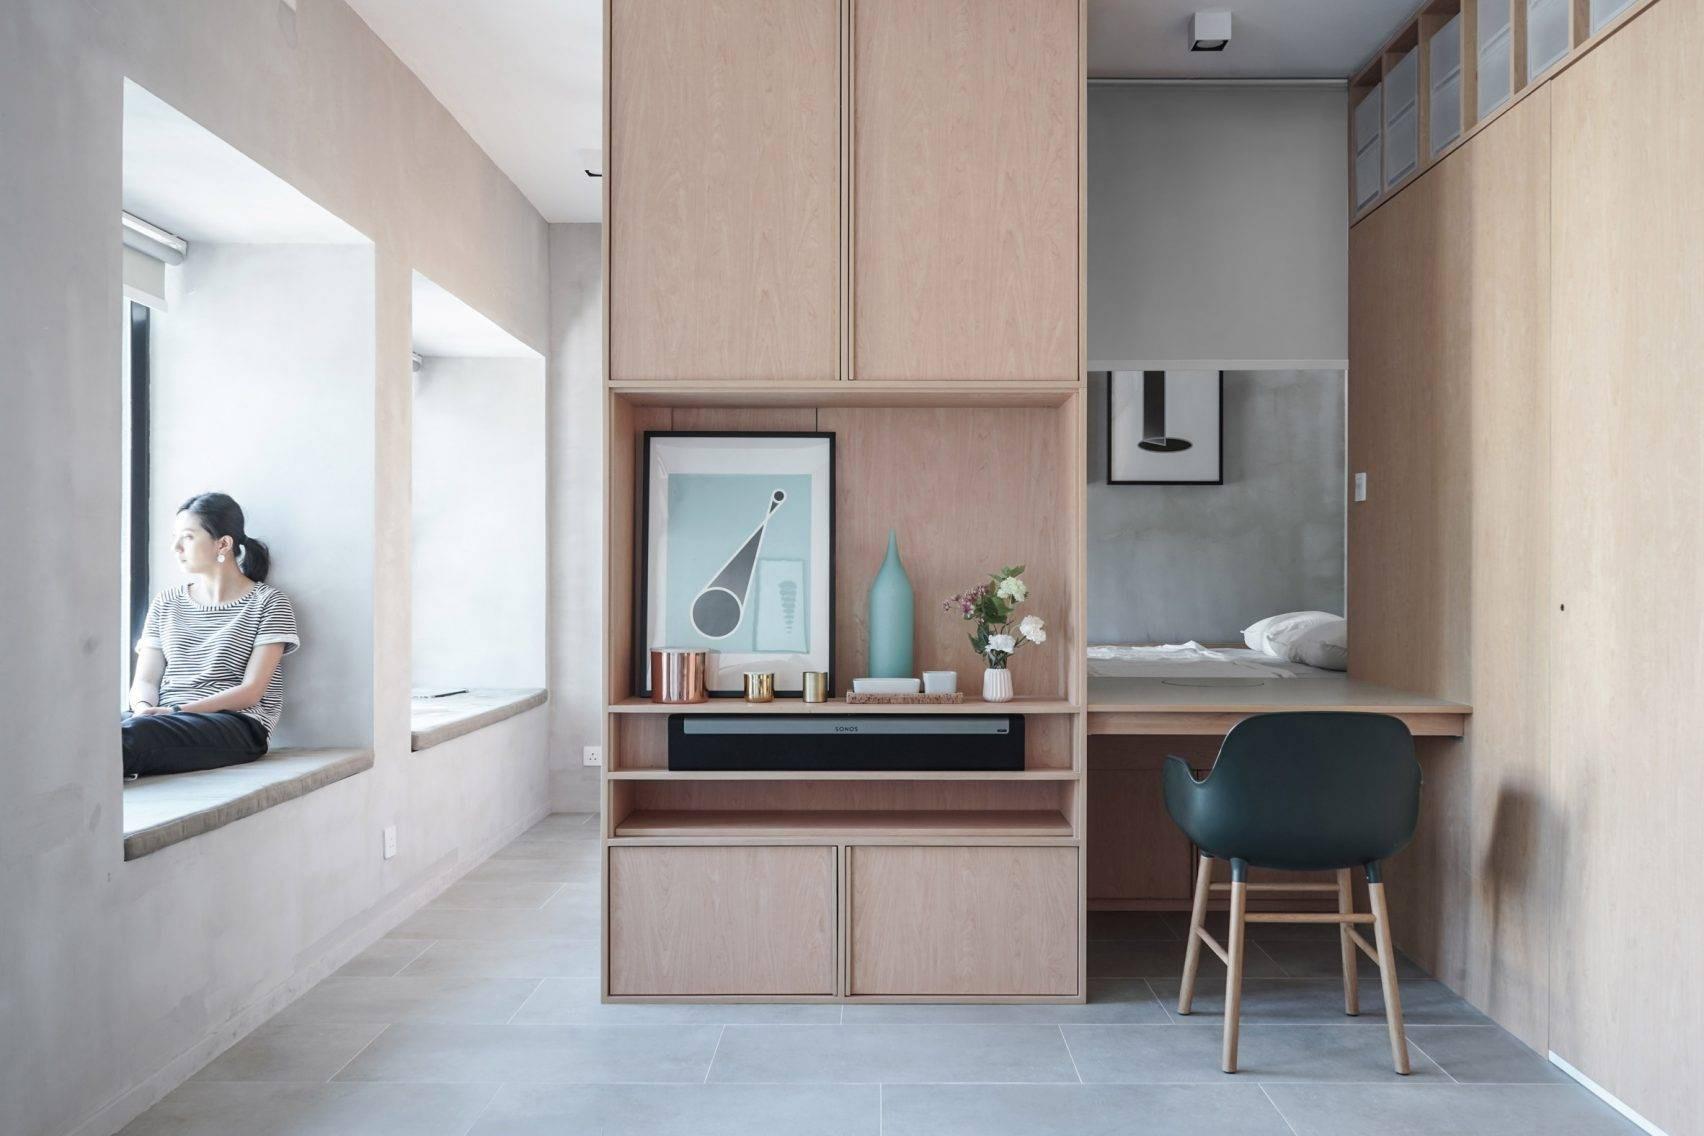 Ở nơi nhà đắt nhất thế giới, căn hộ nhỏ của cặp vợ chồng trẻ trở nên rộng gấp đôi nhờ giải pháp này - Ảnh 3.